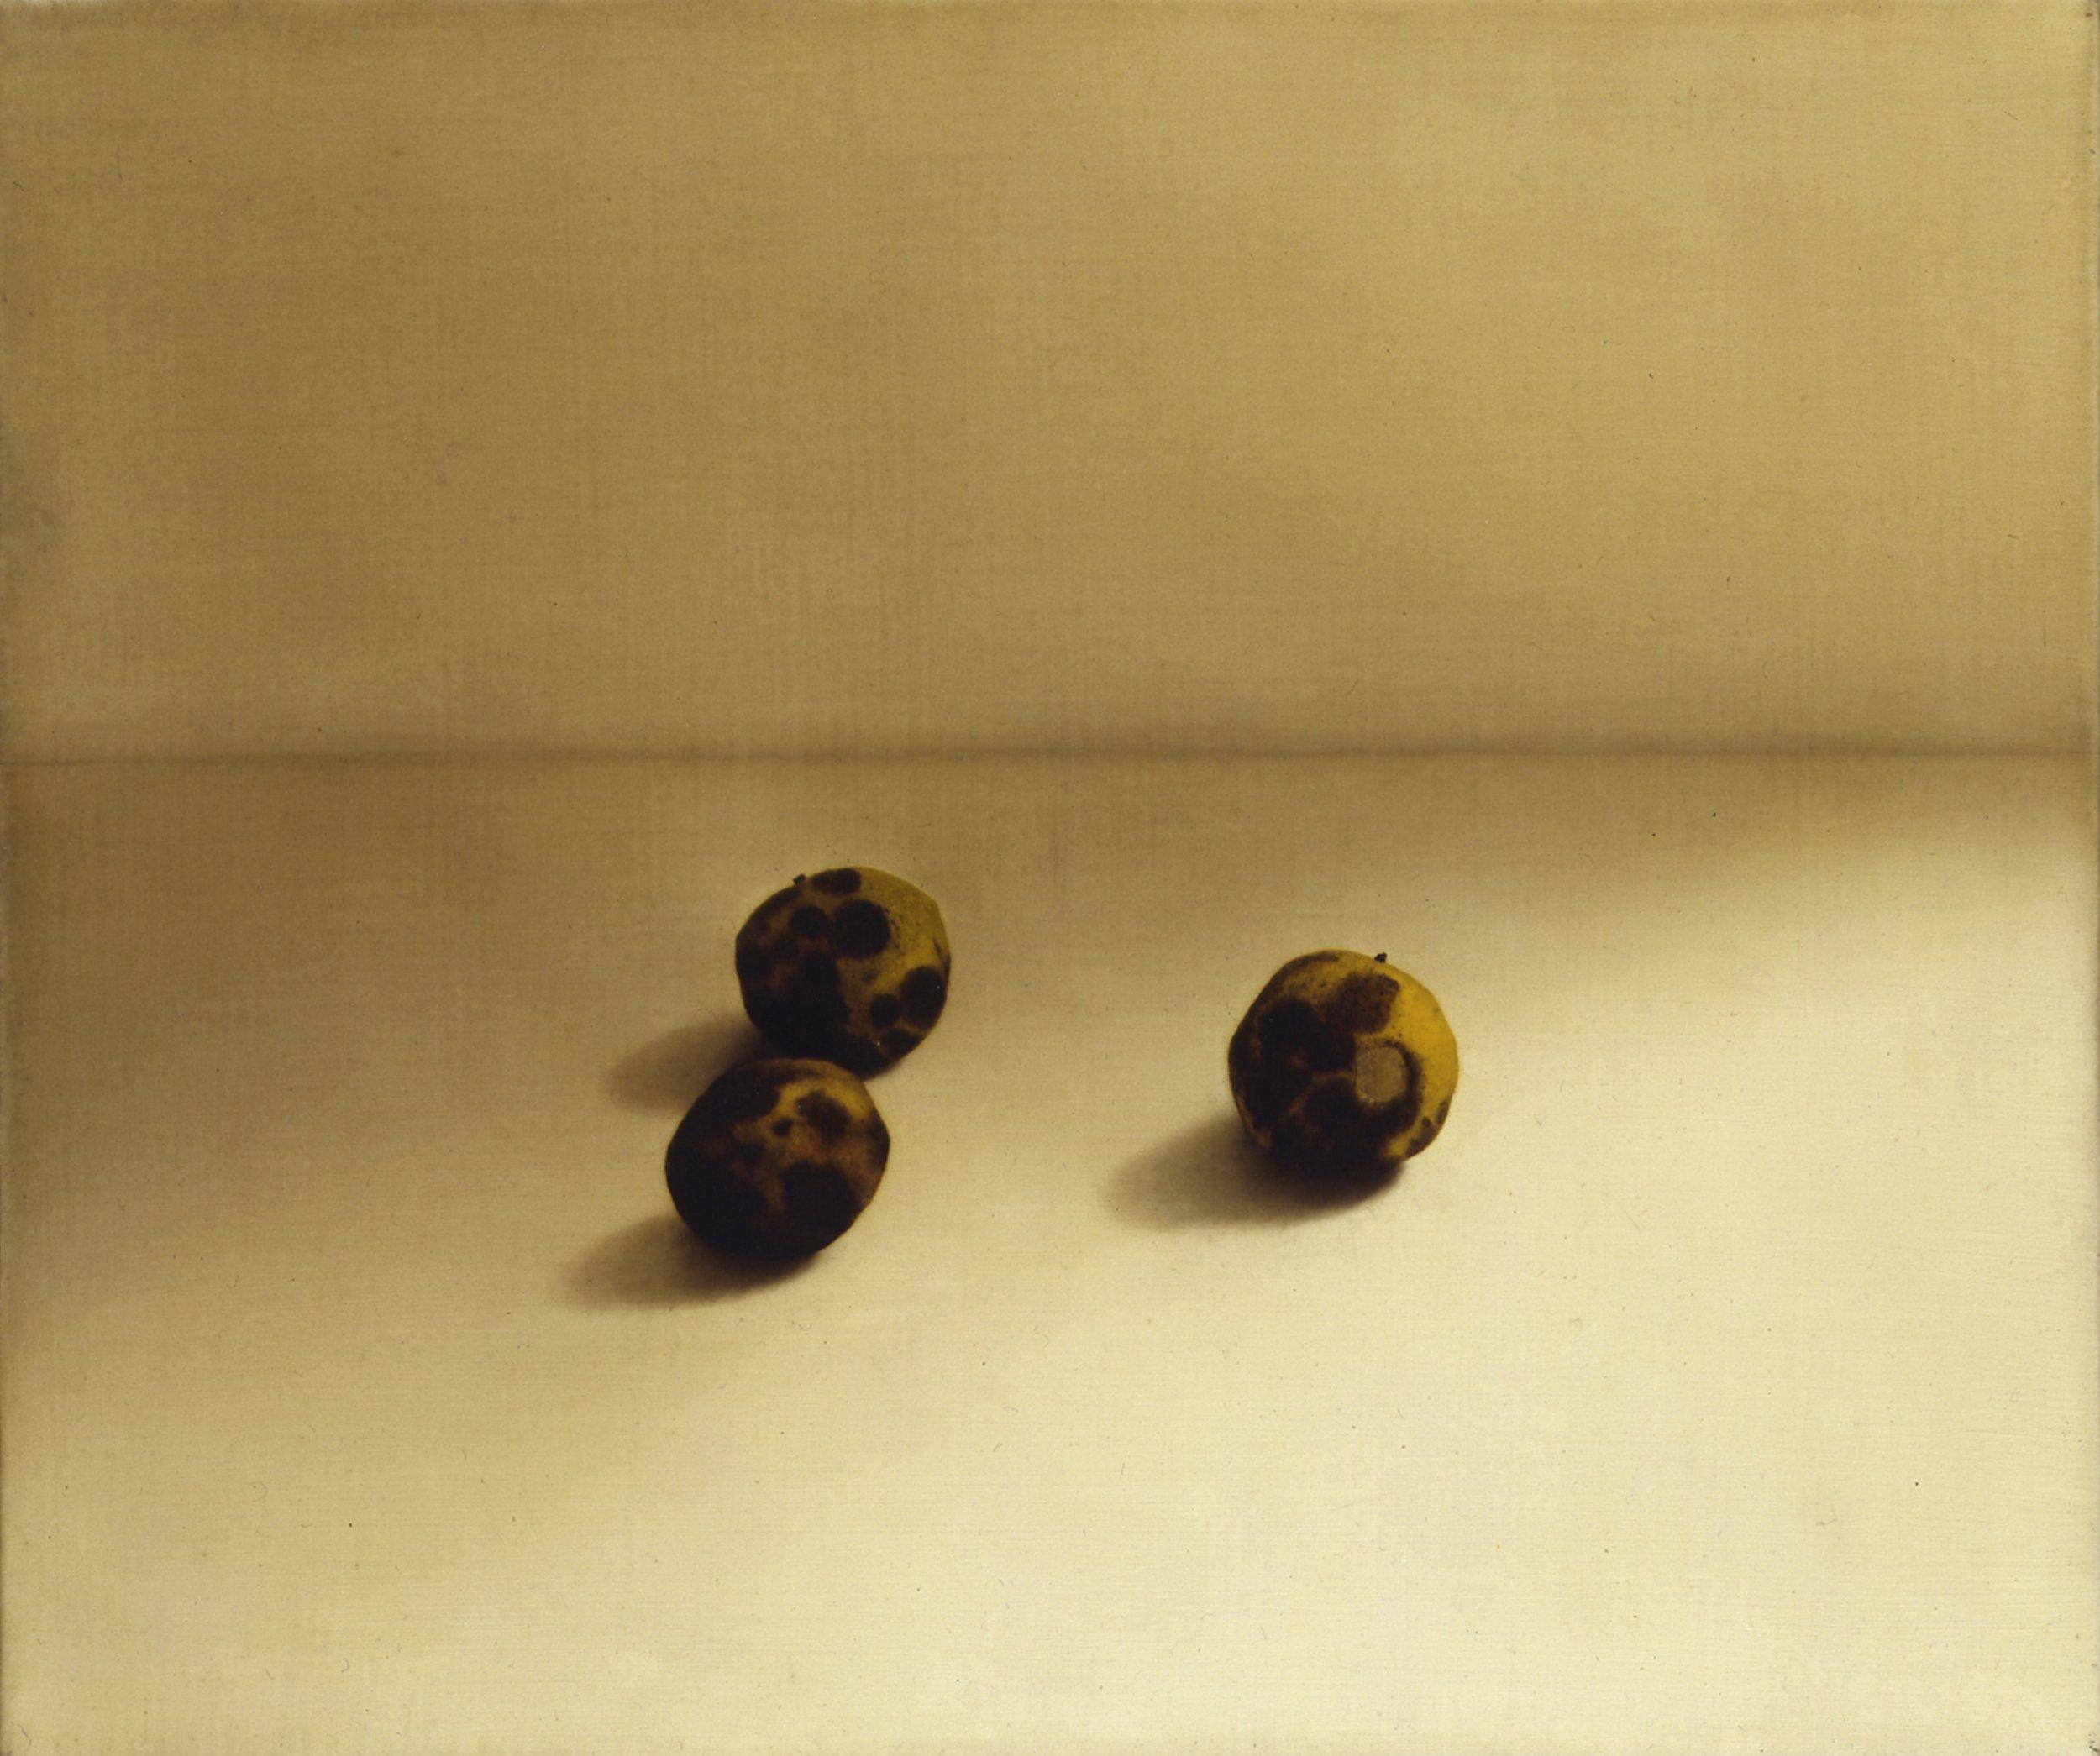 Still Life (three black walnuts), 1994, 15x18, o/l